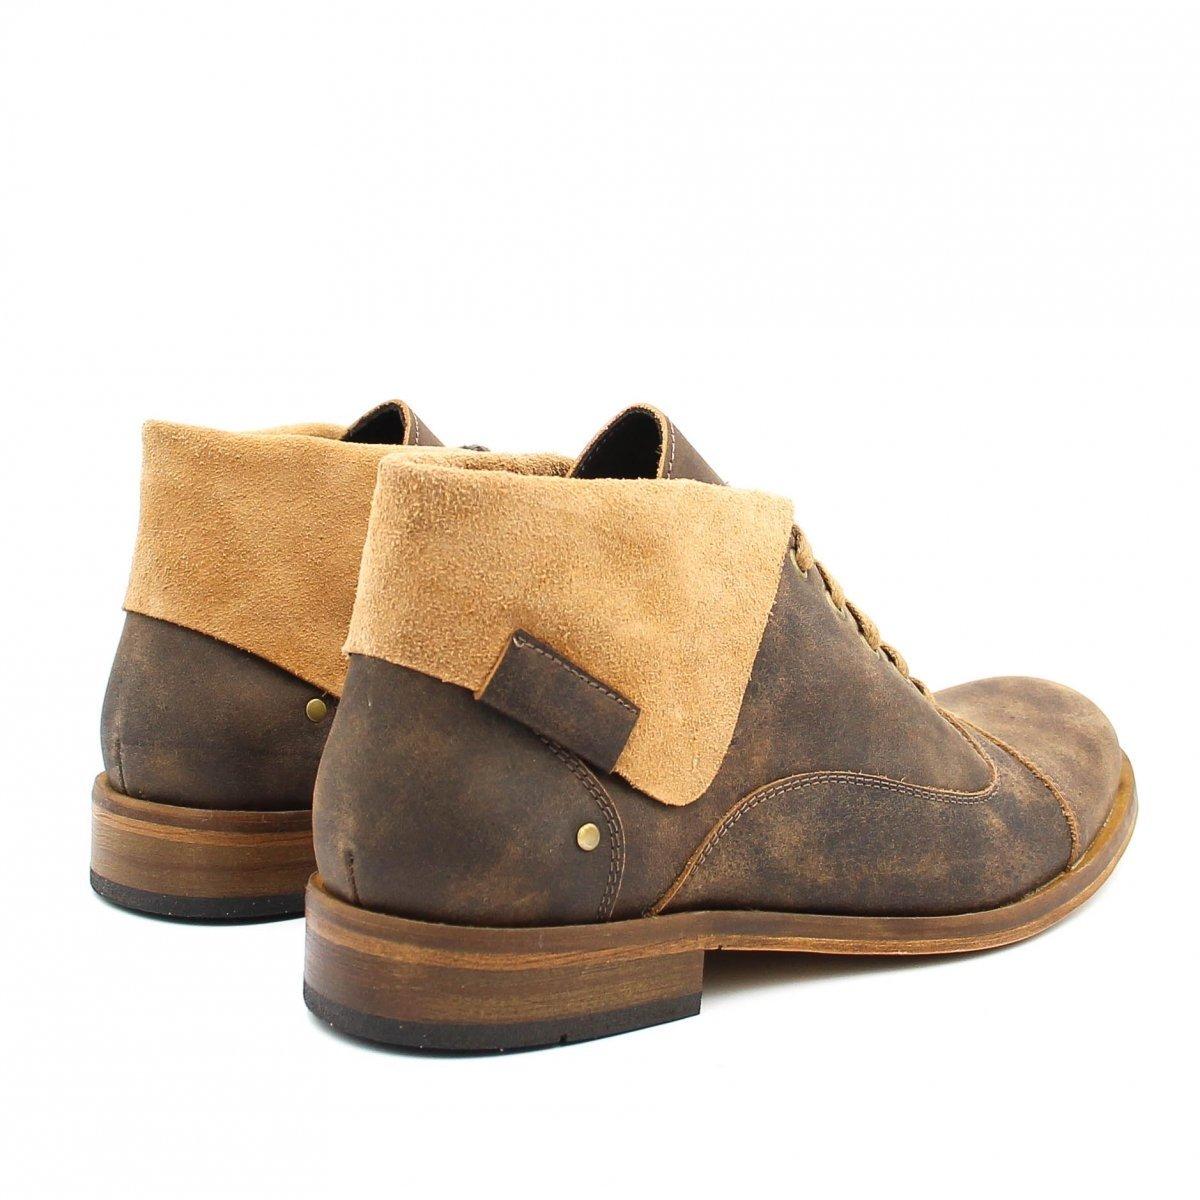 Coturno em Bota Bota Zariff Zariff Marrom Shoes Couro Masculina FwTSq1vz